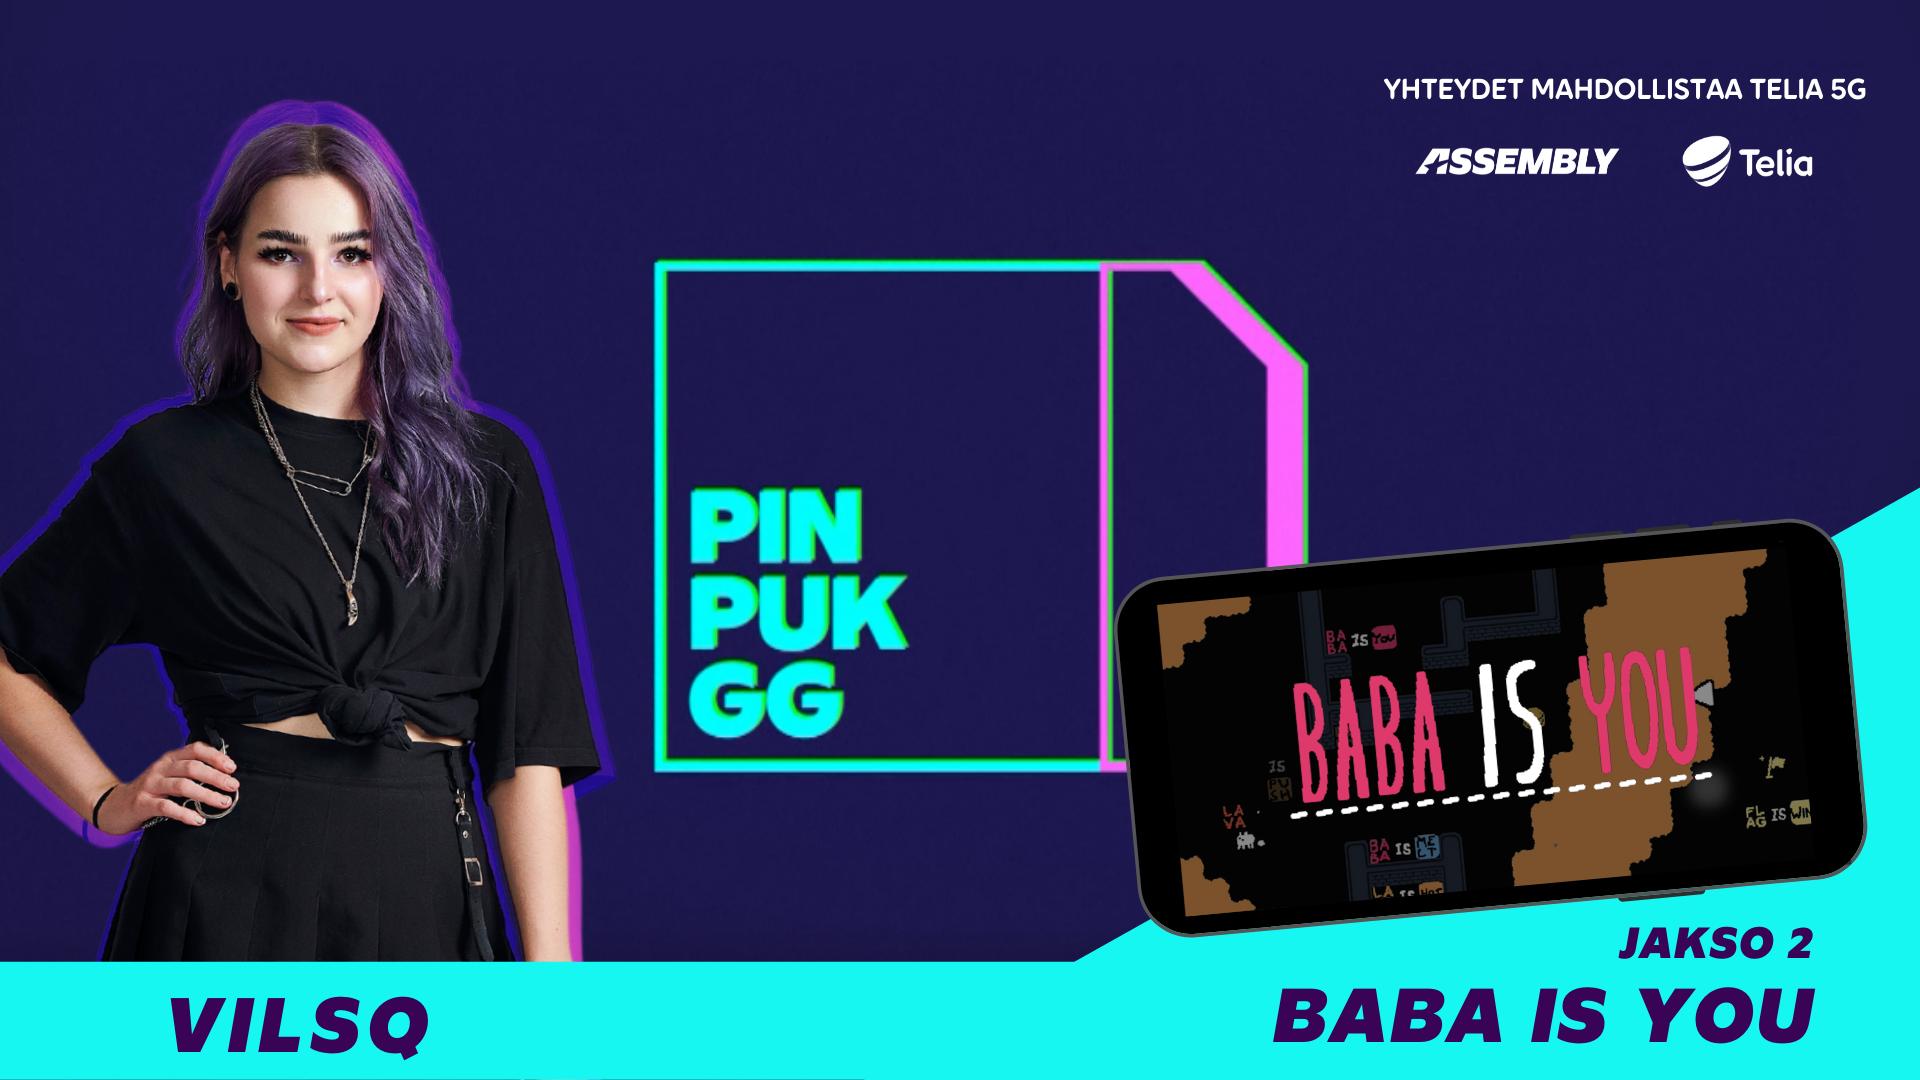 PinPukGG - Baba Is You